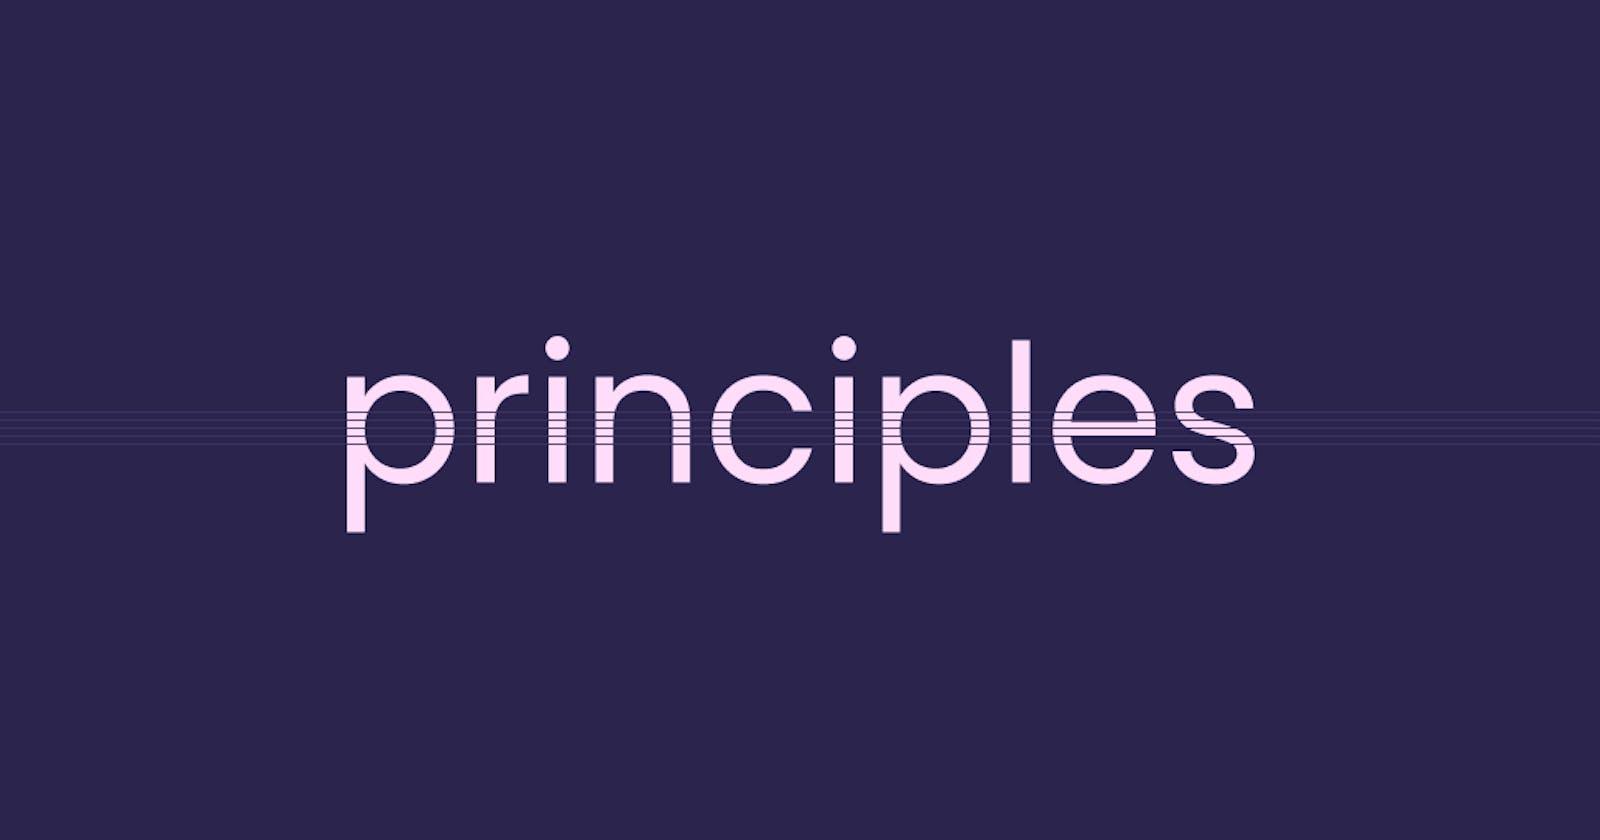 제품 원칙 수립하기